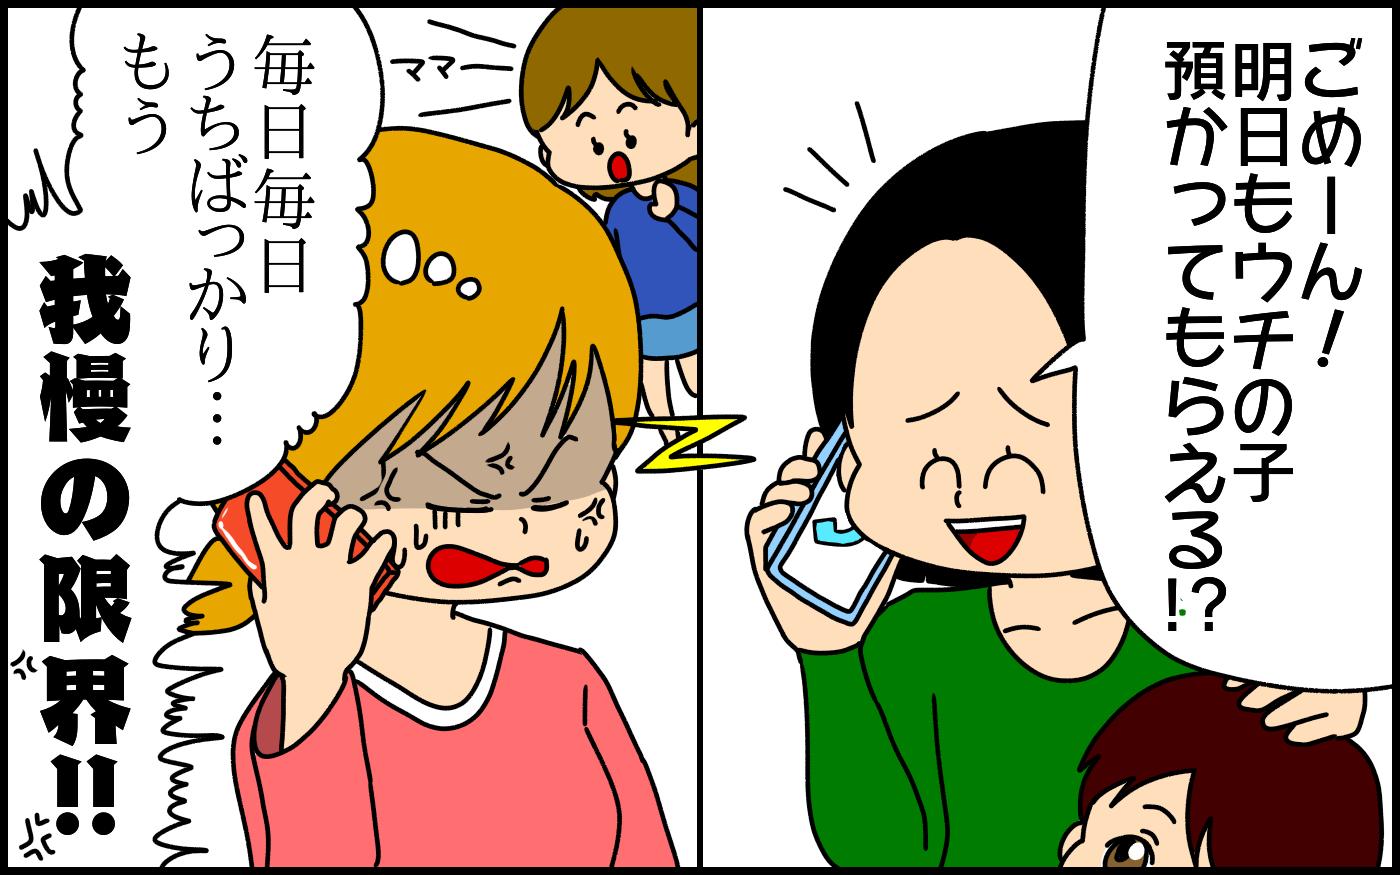 繰り返される「うちの子預かって」に疲労感…距離が近すぎるママ友(前編)